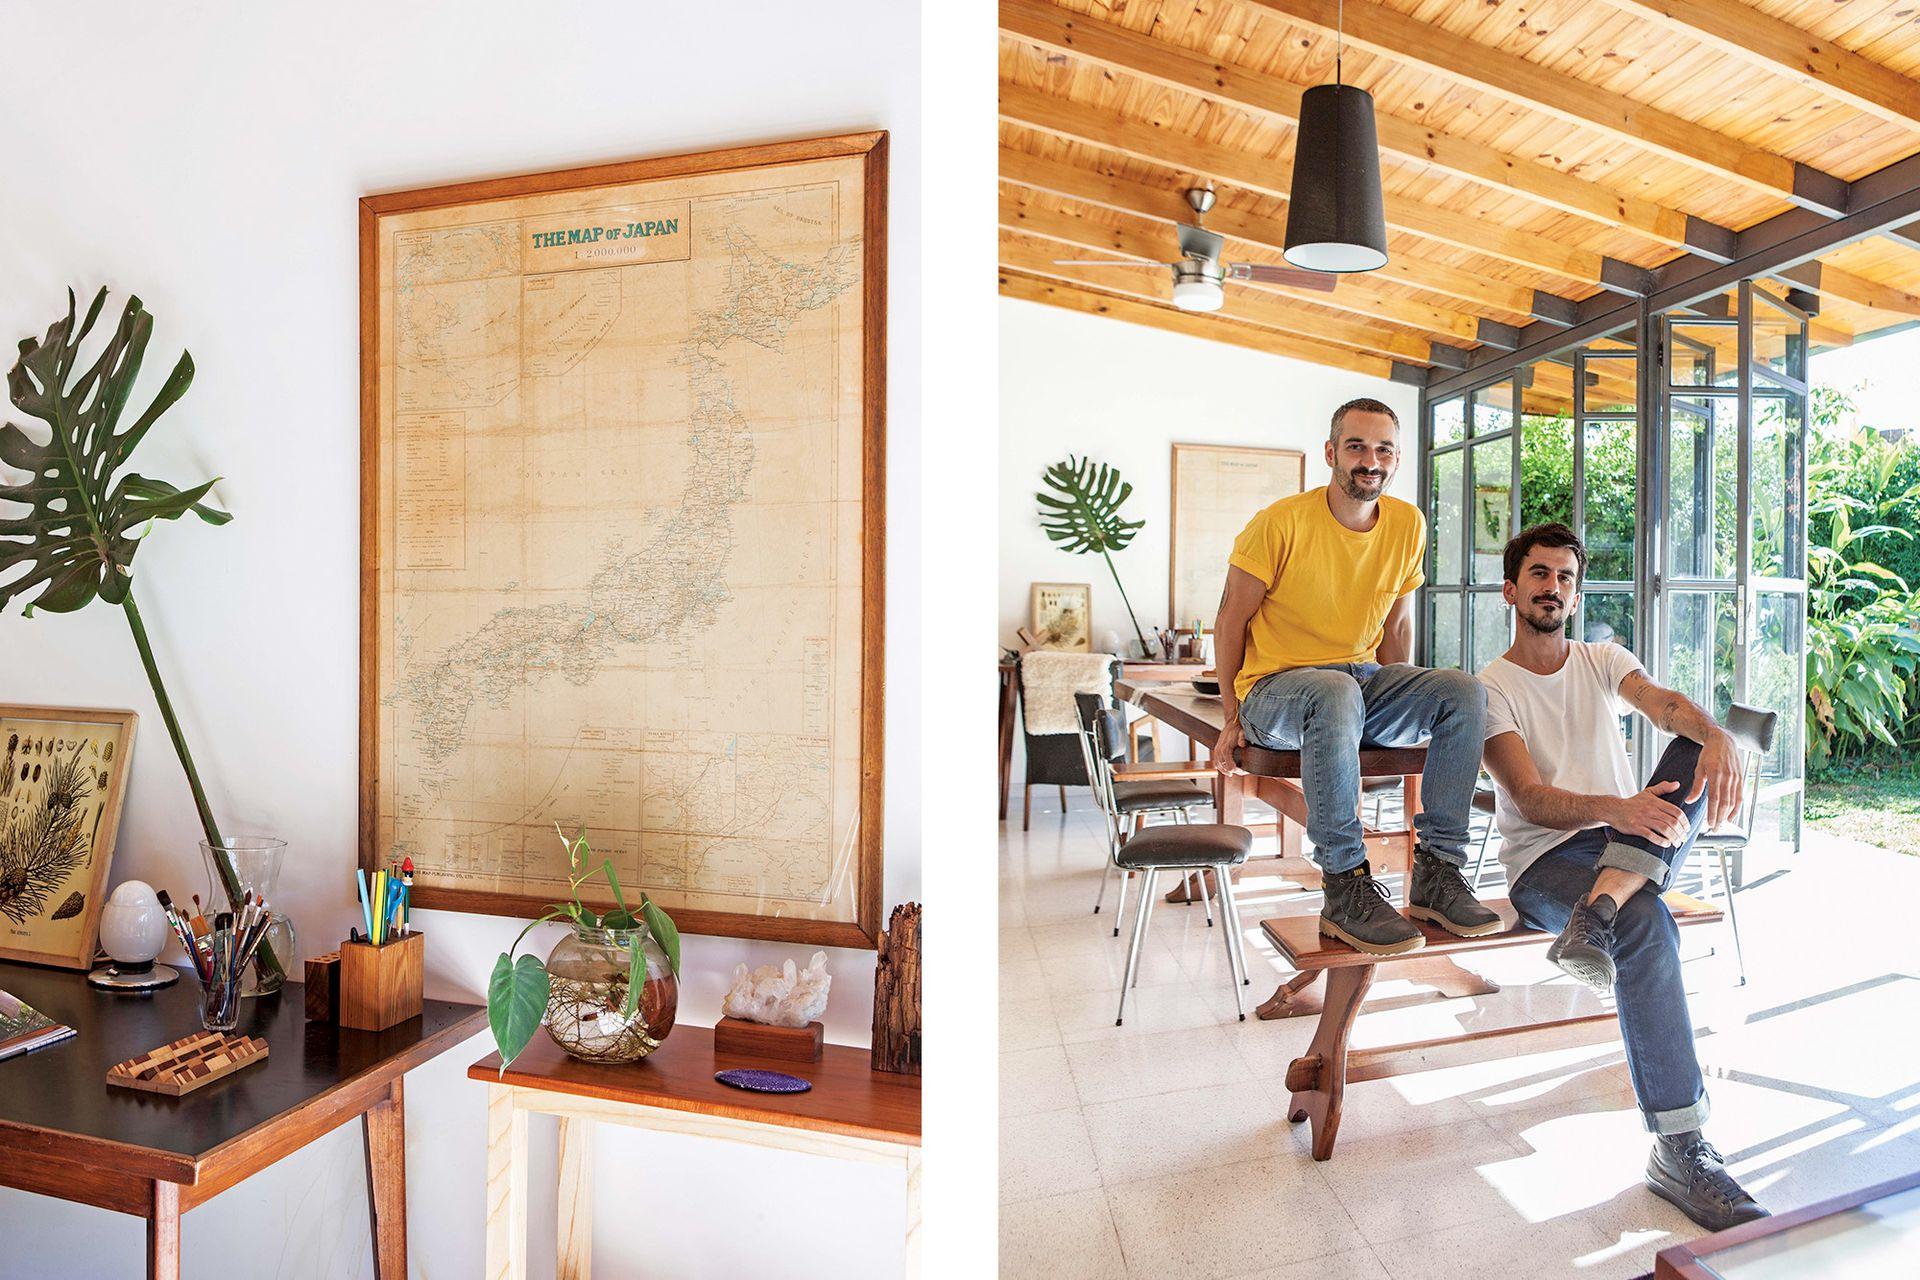 Aquí, los artífices de la reforma: el arquitecto Julián Puyal (izq.), de Estudio Prim, y el dueño de casa, Germán Van Peteghem, al frente de Becca Estudio, donde diseña y fabrica muebles.